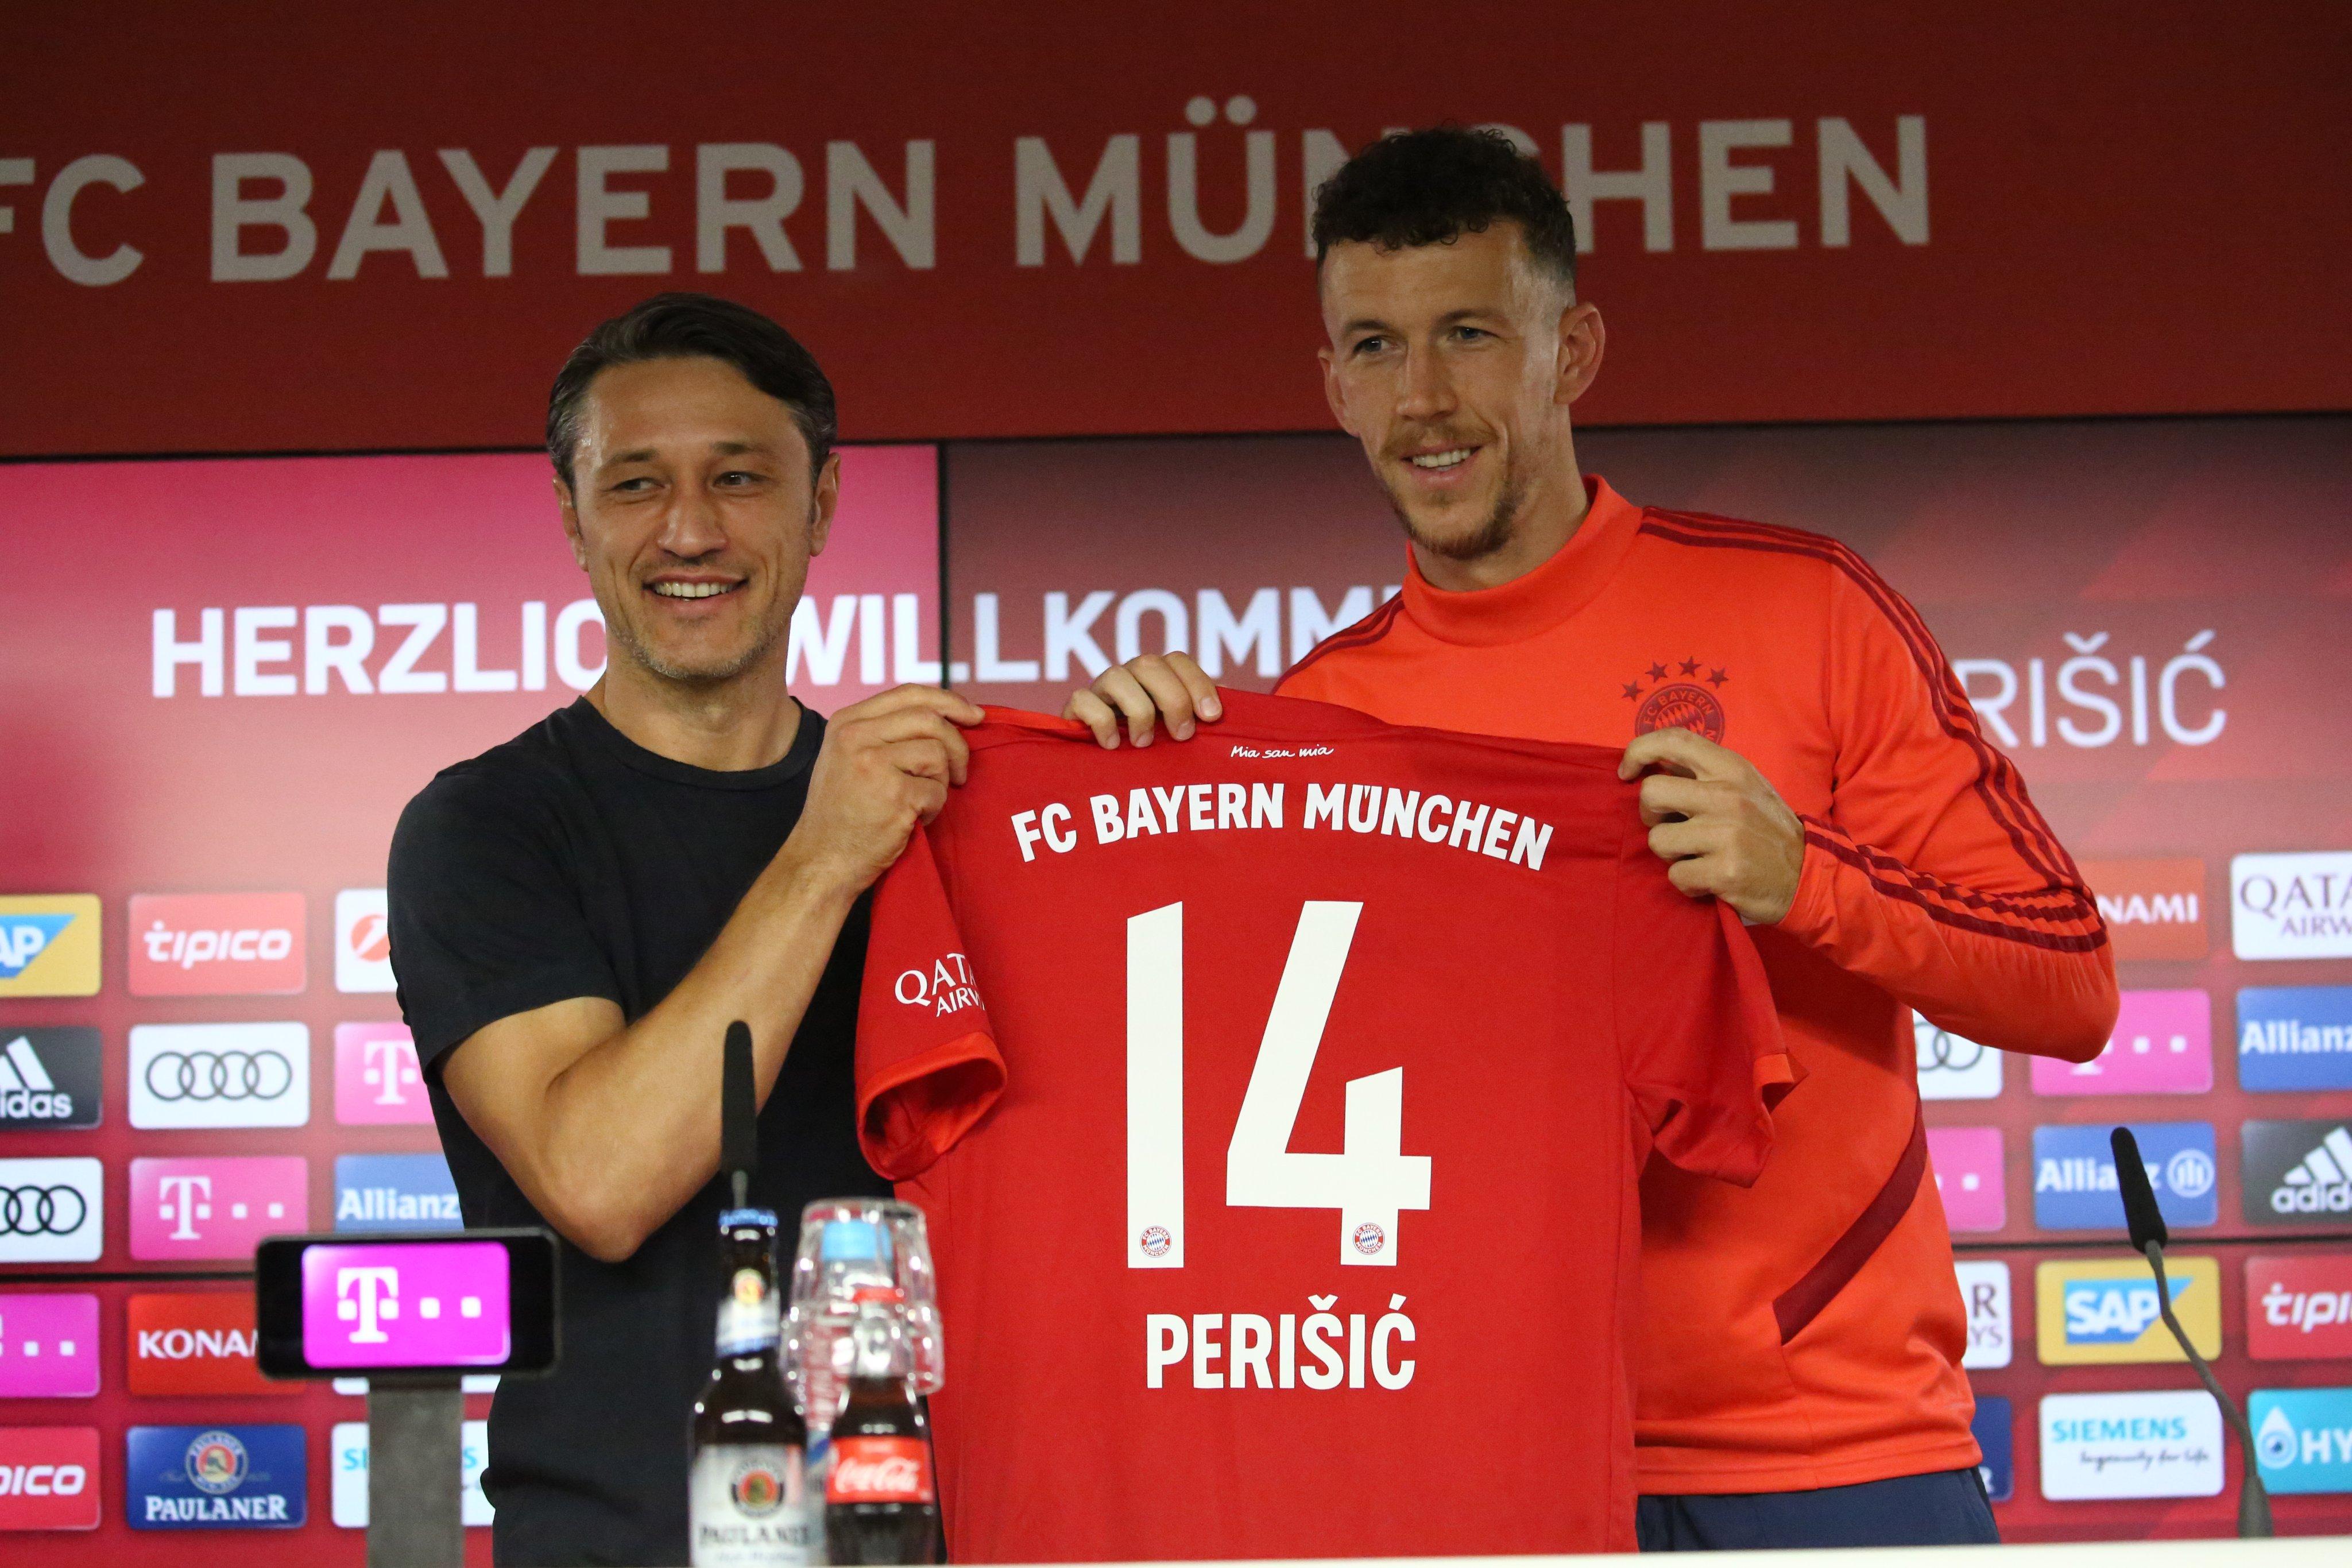 بایرن مونیخ-Bayern Munchen